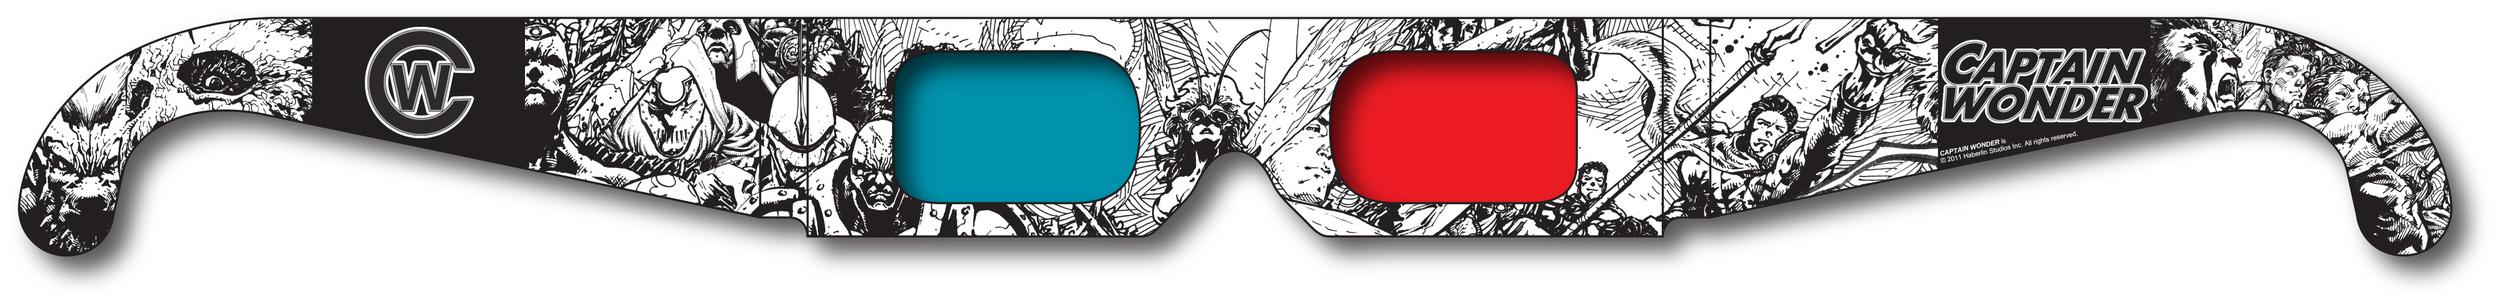 Captain_Wonder_3D_Glasses.jpg